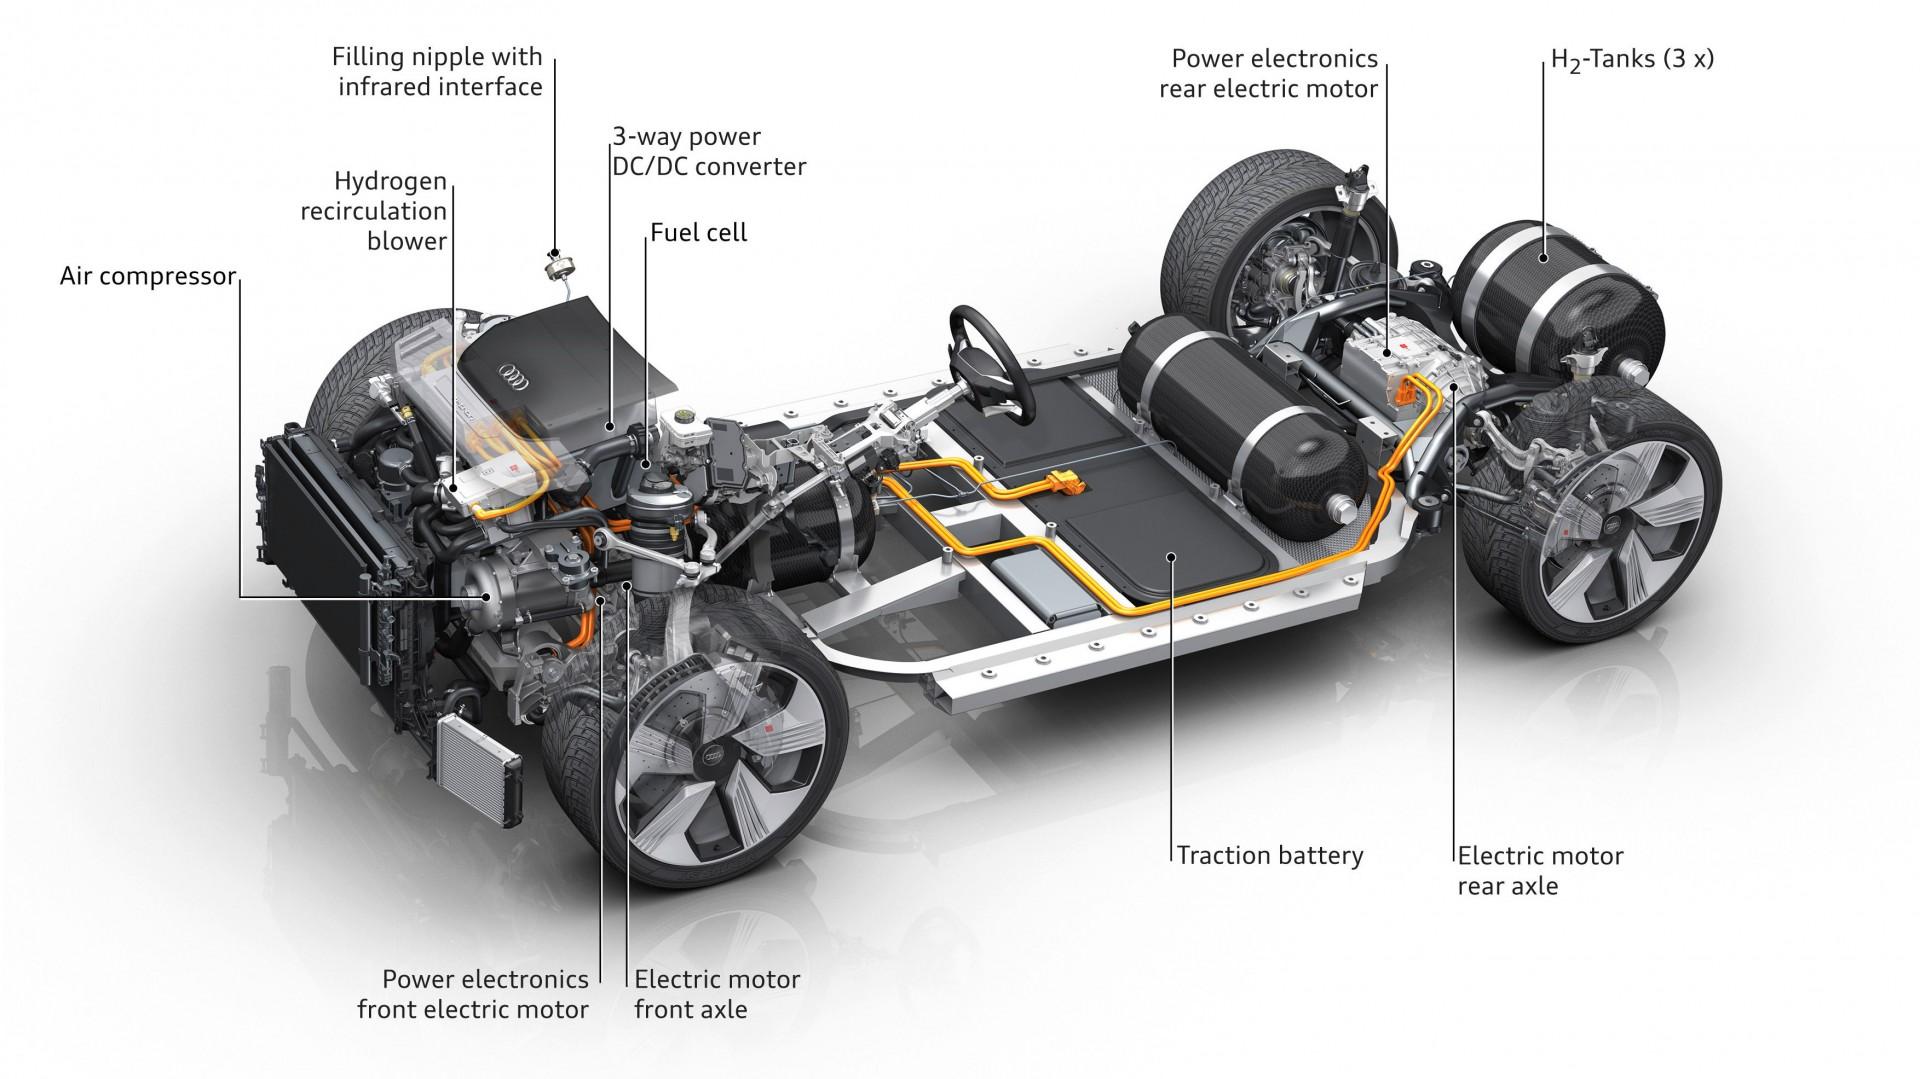 Audi h-tron quattro concept (1)